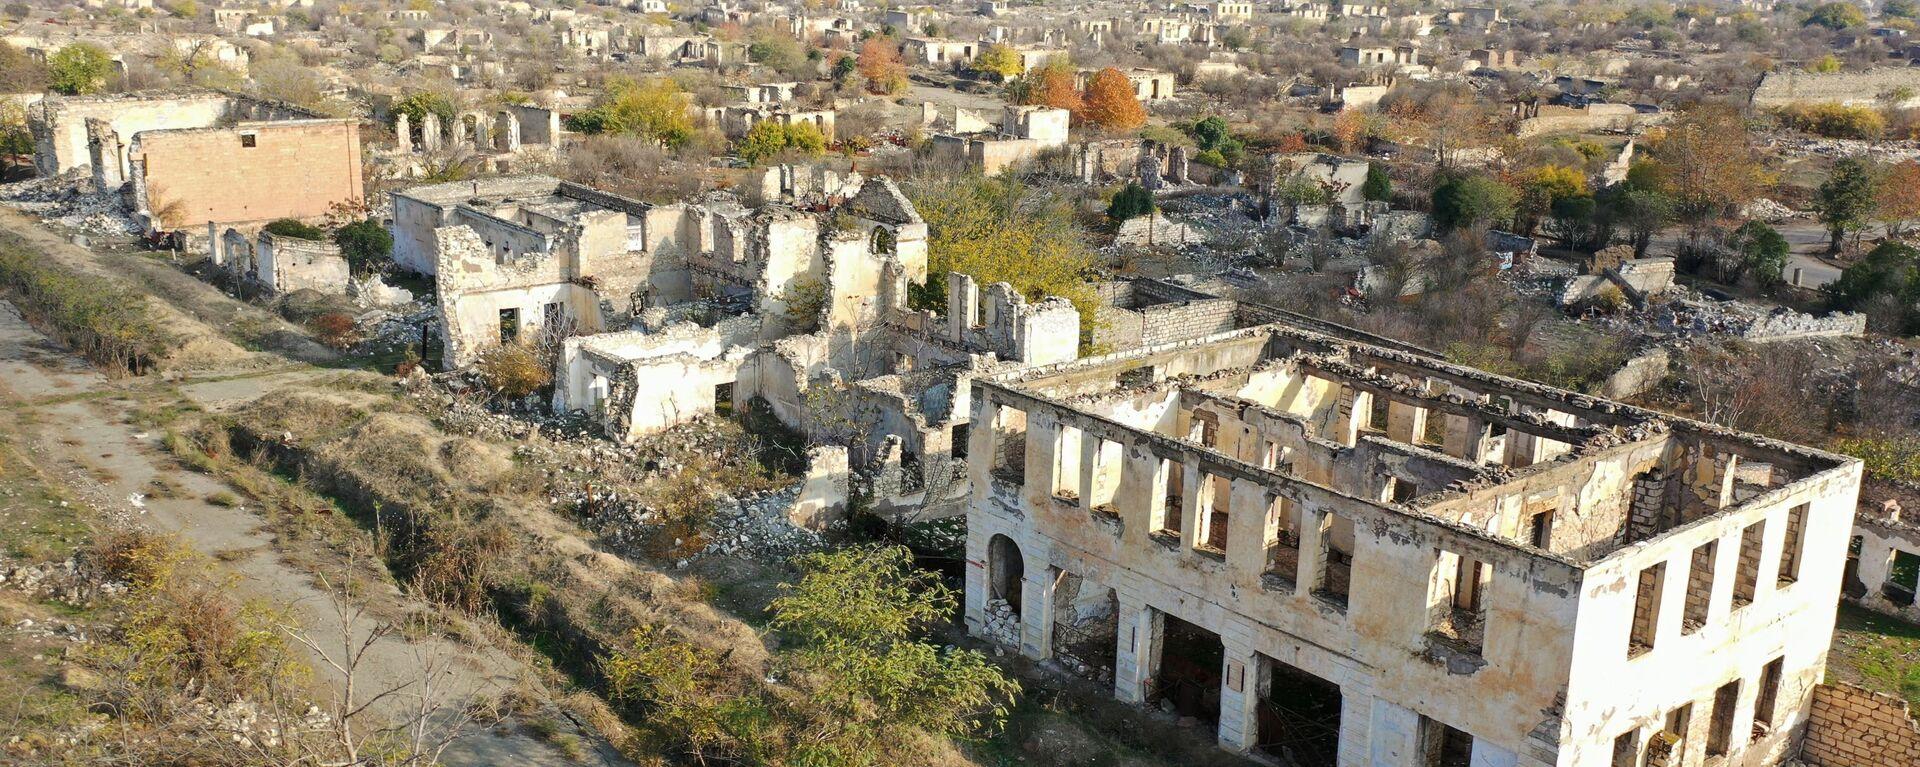 Dağıdılmış Ağdam şəhərinə mənzərə - Sputnik Азербайджан, 1920, 26.02.2021